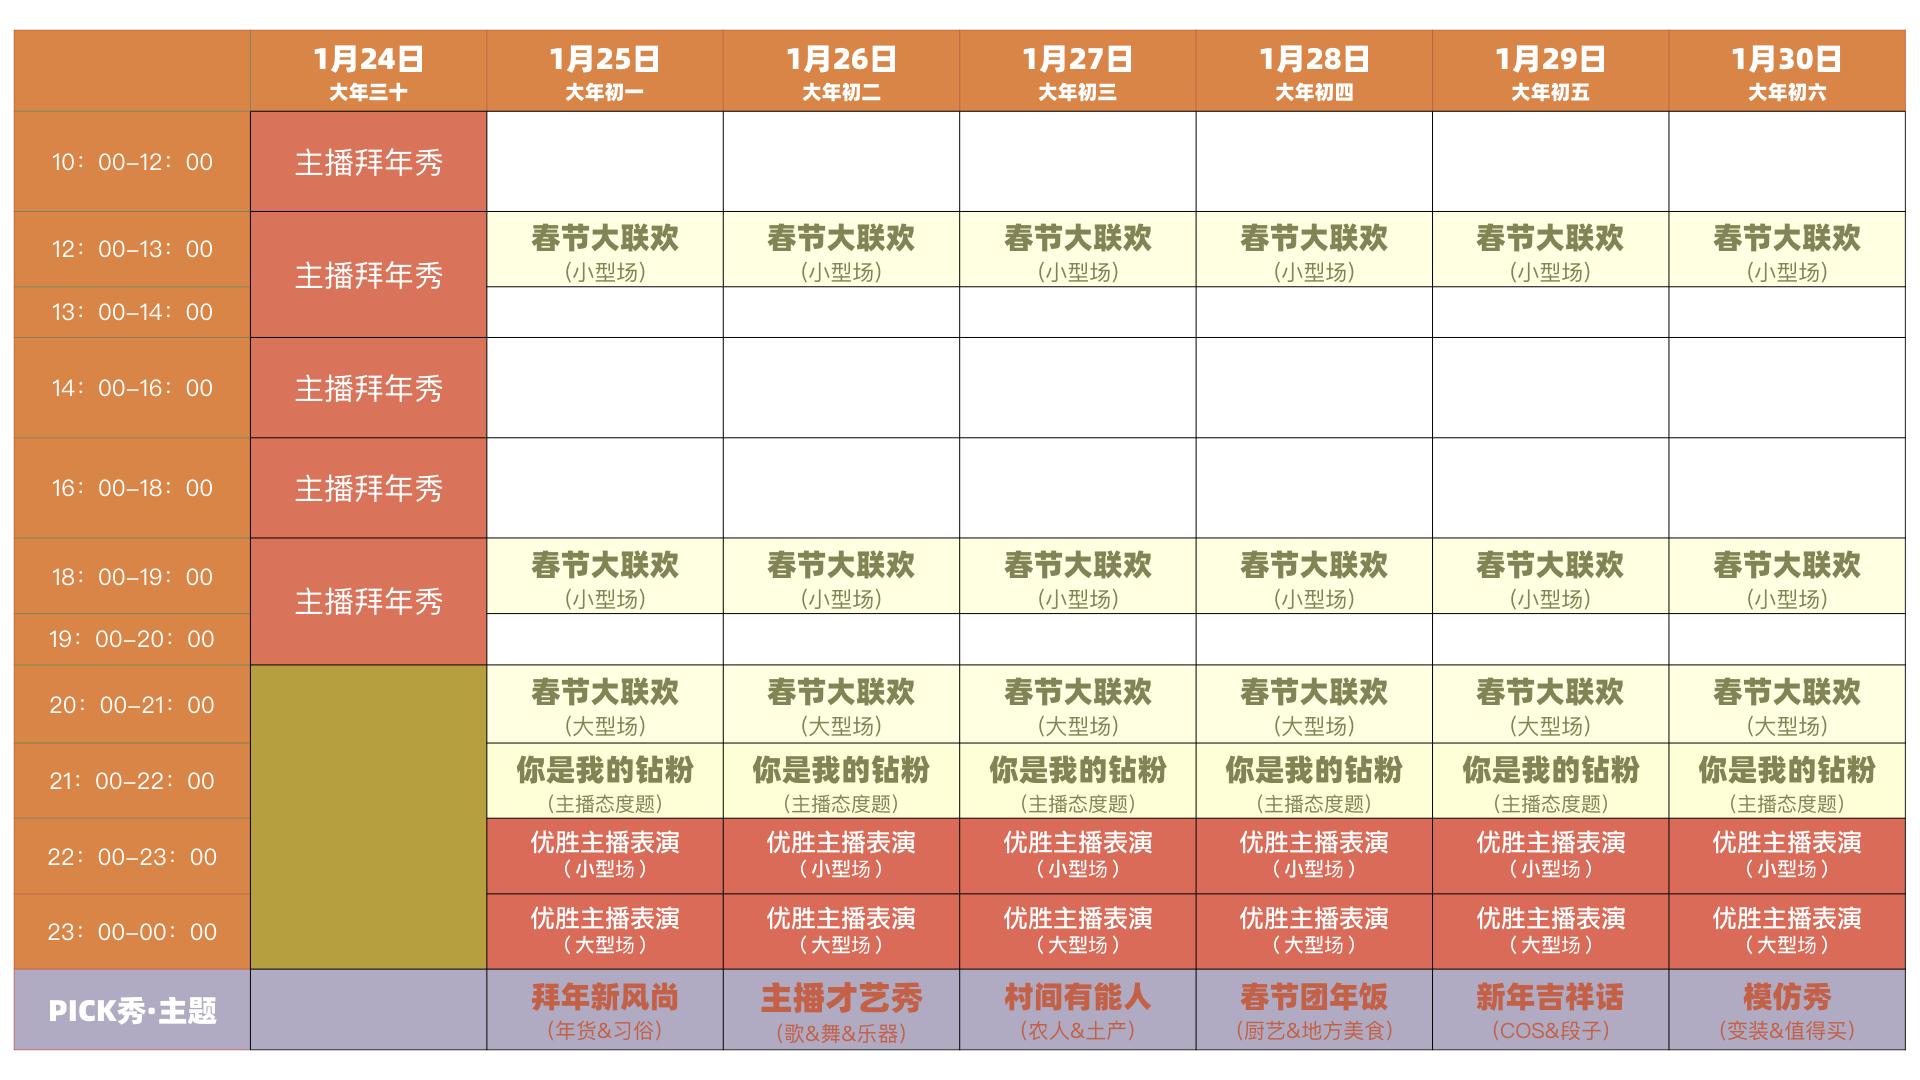 2020春节项目-主播邀约方案.001.jpeg